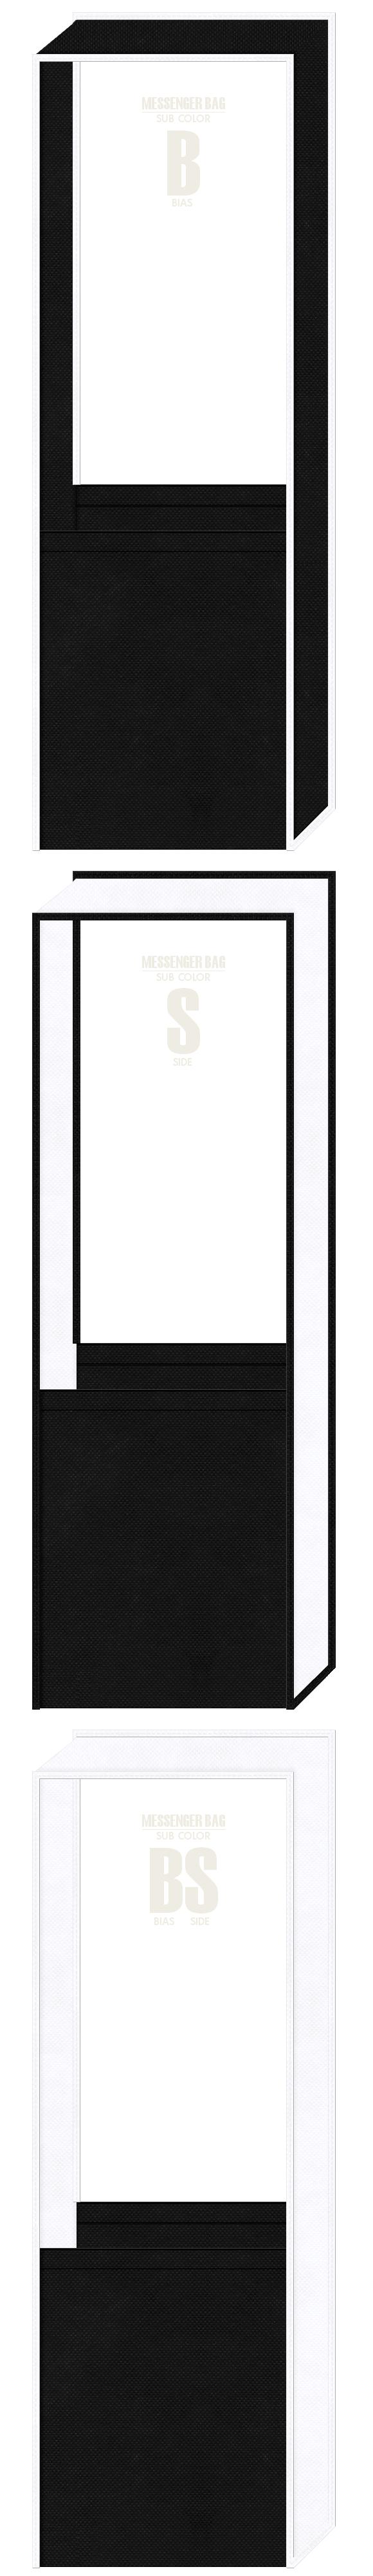 不織布メッセンジャーバッグのカラーシミュレーション(黒色・白色)